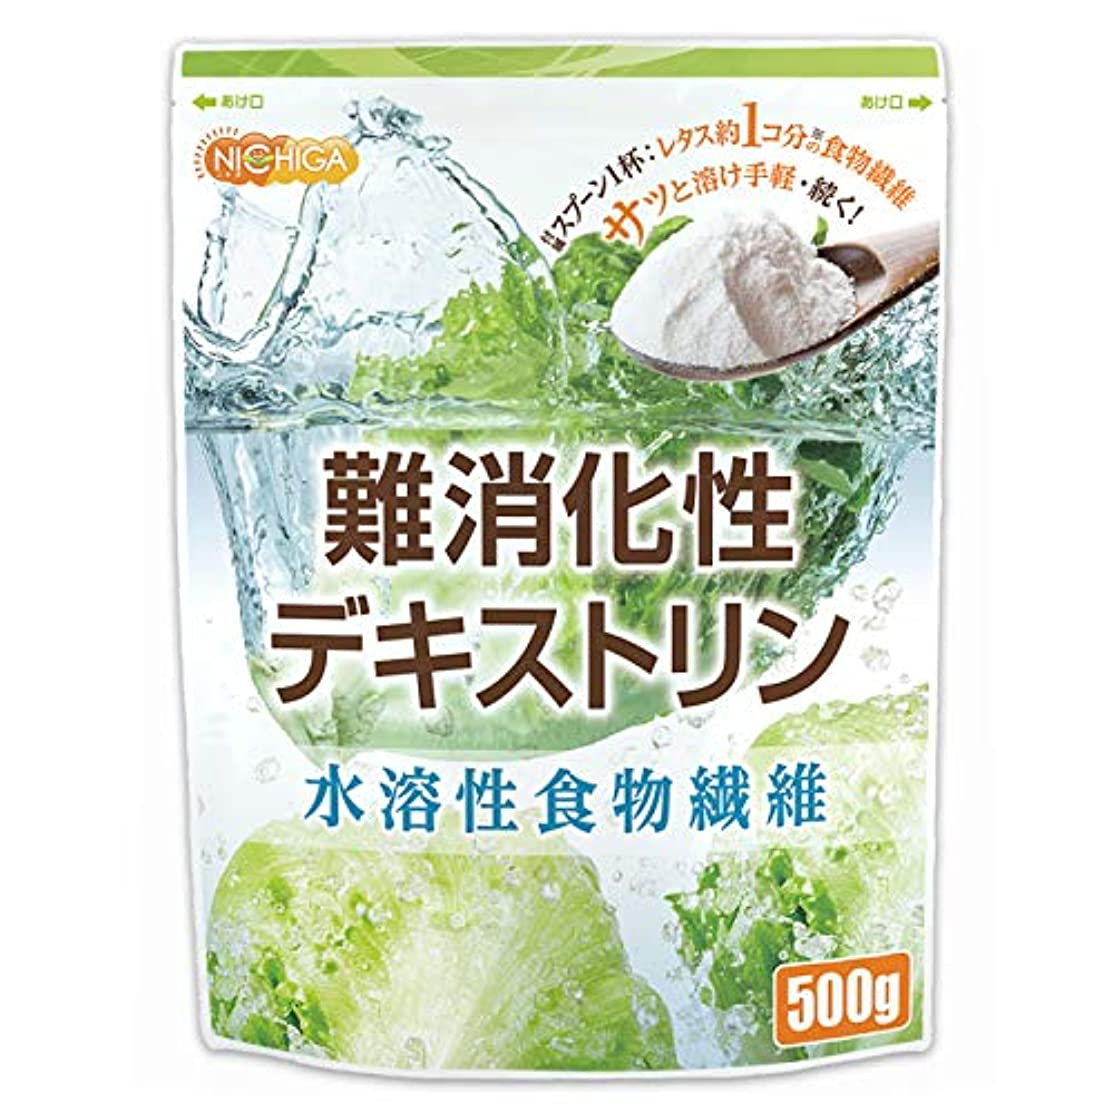 クリエイティブ踏み台汚れる難消化性デキストリン 500g 製品のリニューアル致しました 水溶性食物繊維 [01] NICHIGA(ニチガ) 付属のスプーン1杯2.5gで、約レタス1個分の食物繊維